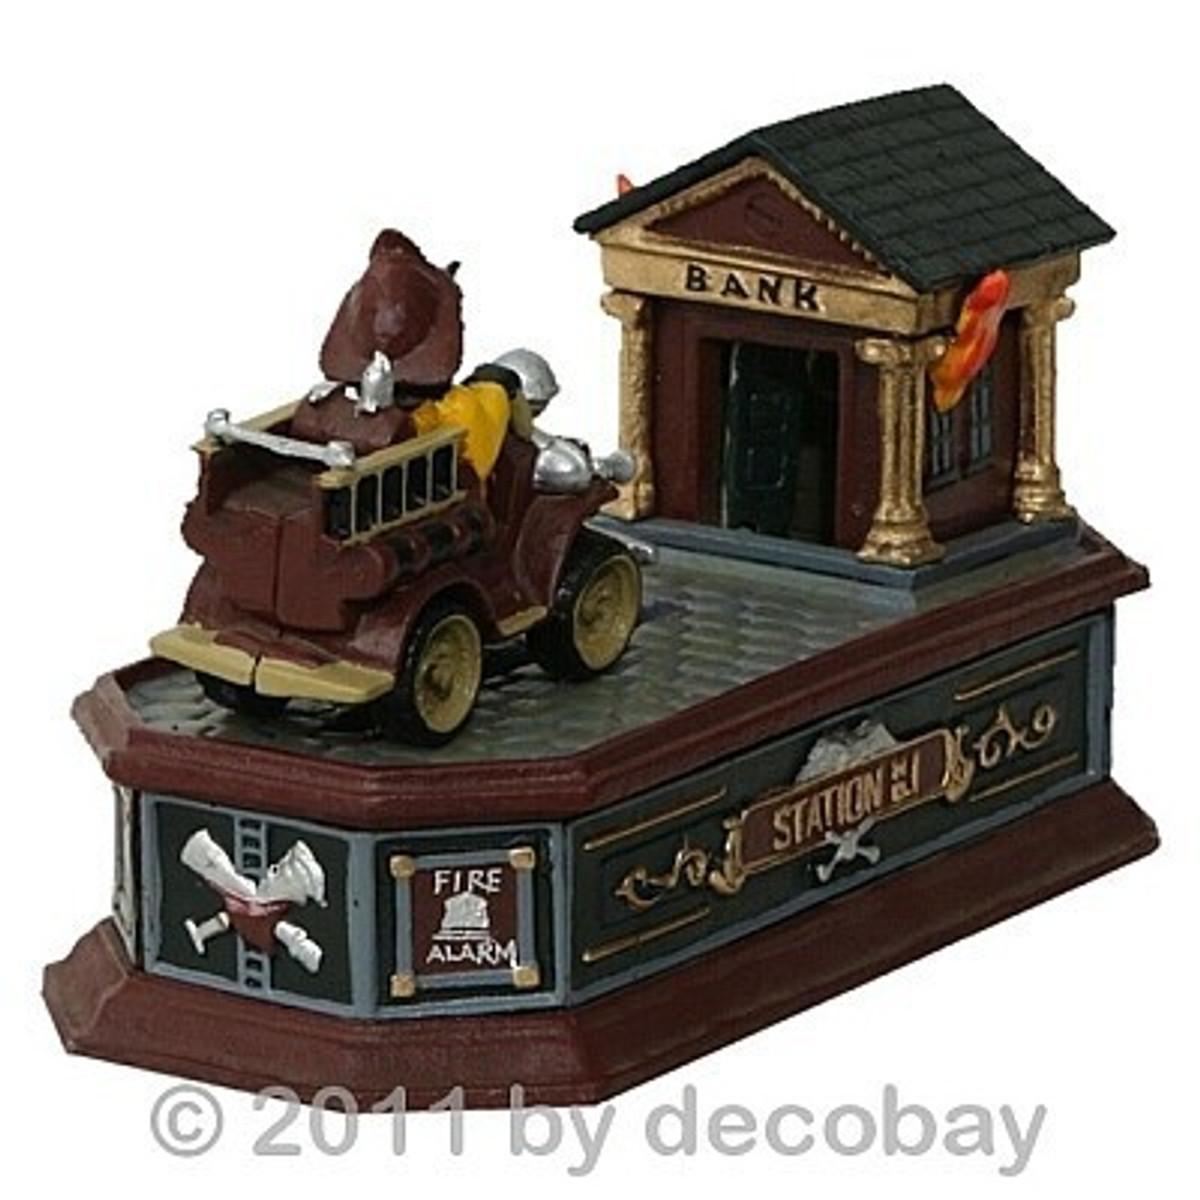 Spardose in Form eines Feuerwehrwagen  als Spielzeug zum Sparen und Spielen.